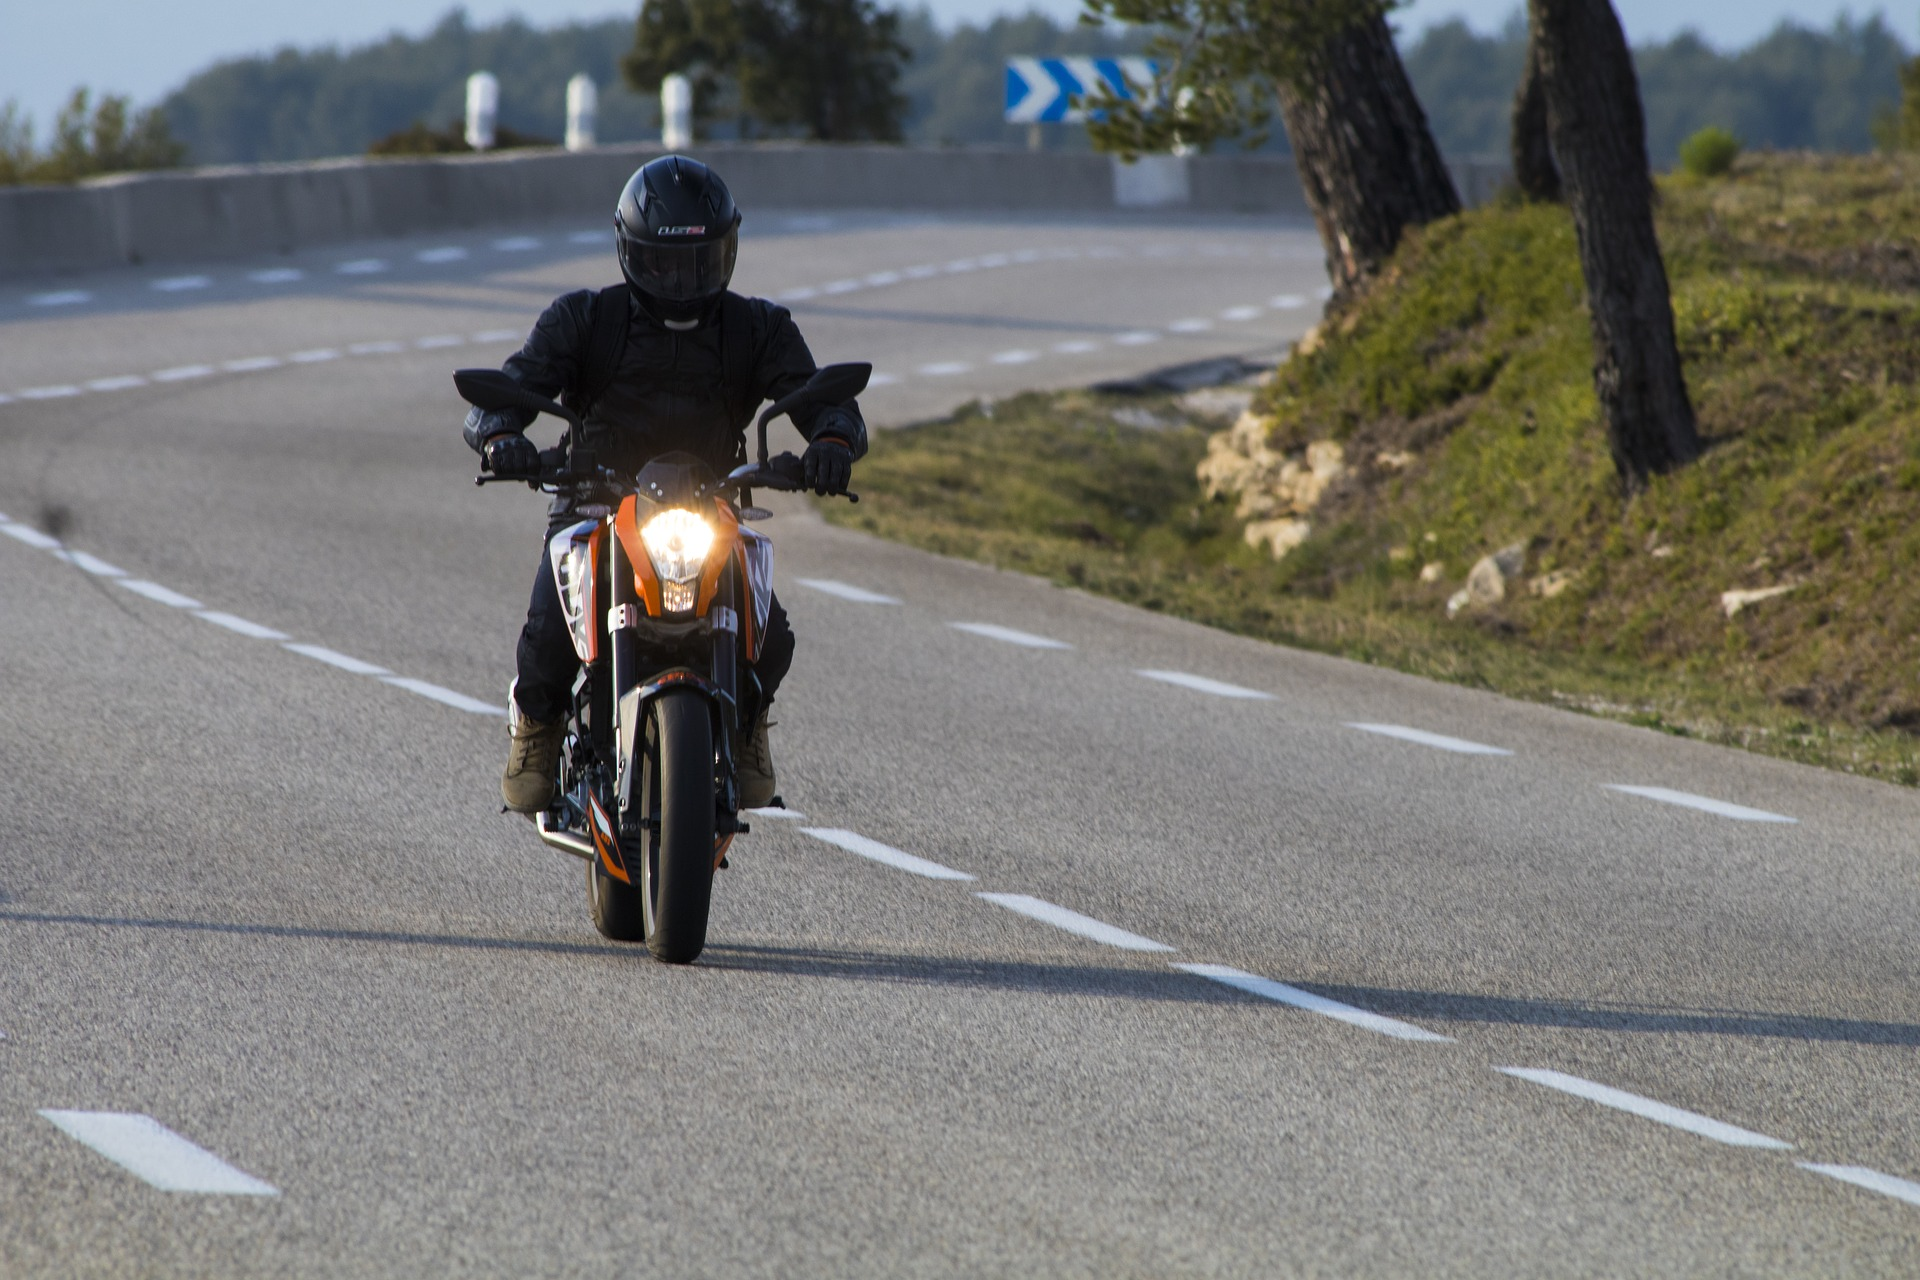 6. La utilización de un casco de buena calidad puede reducir el riesgo de los motociclistas de morir por accidente de tránsito en un 40%. Pero solo 44 países, que representan un 17% de la población mundial, tienen leyes sobre el uso del casco por los motociclistas que se ajustan a las prácticas óptimas.